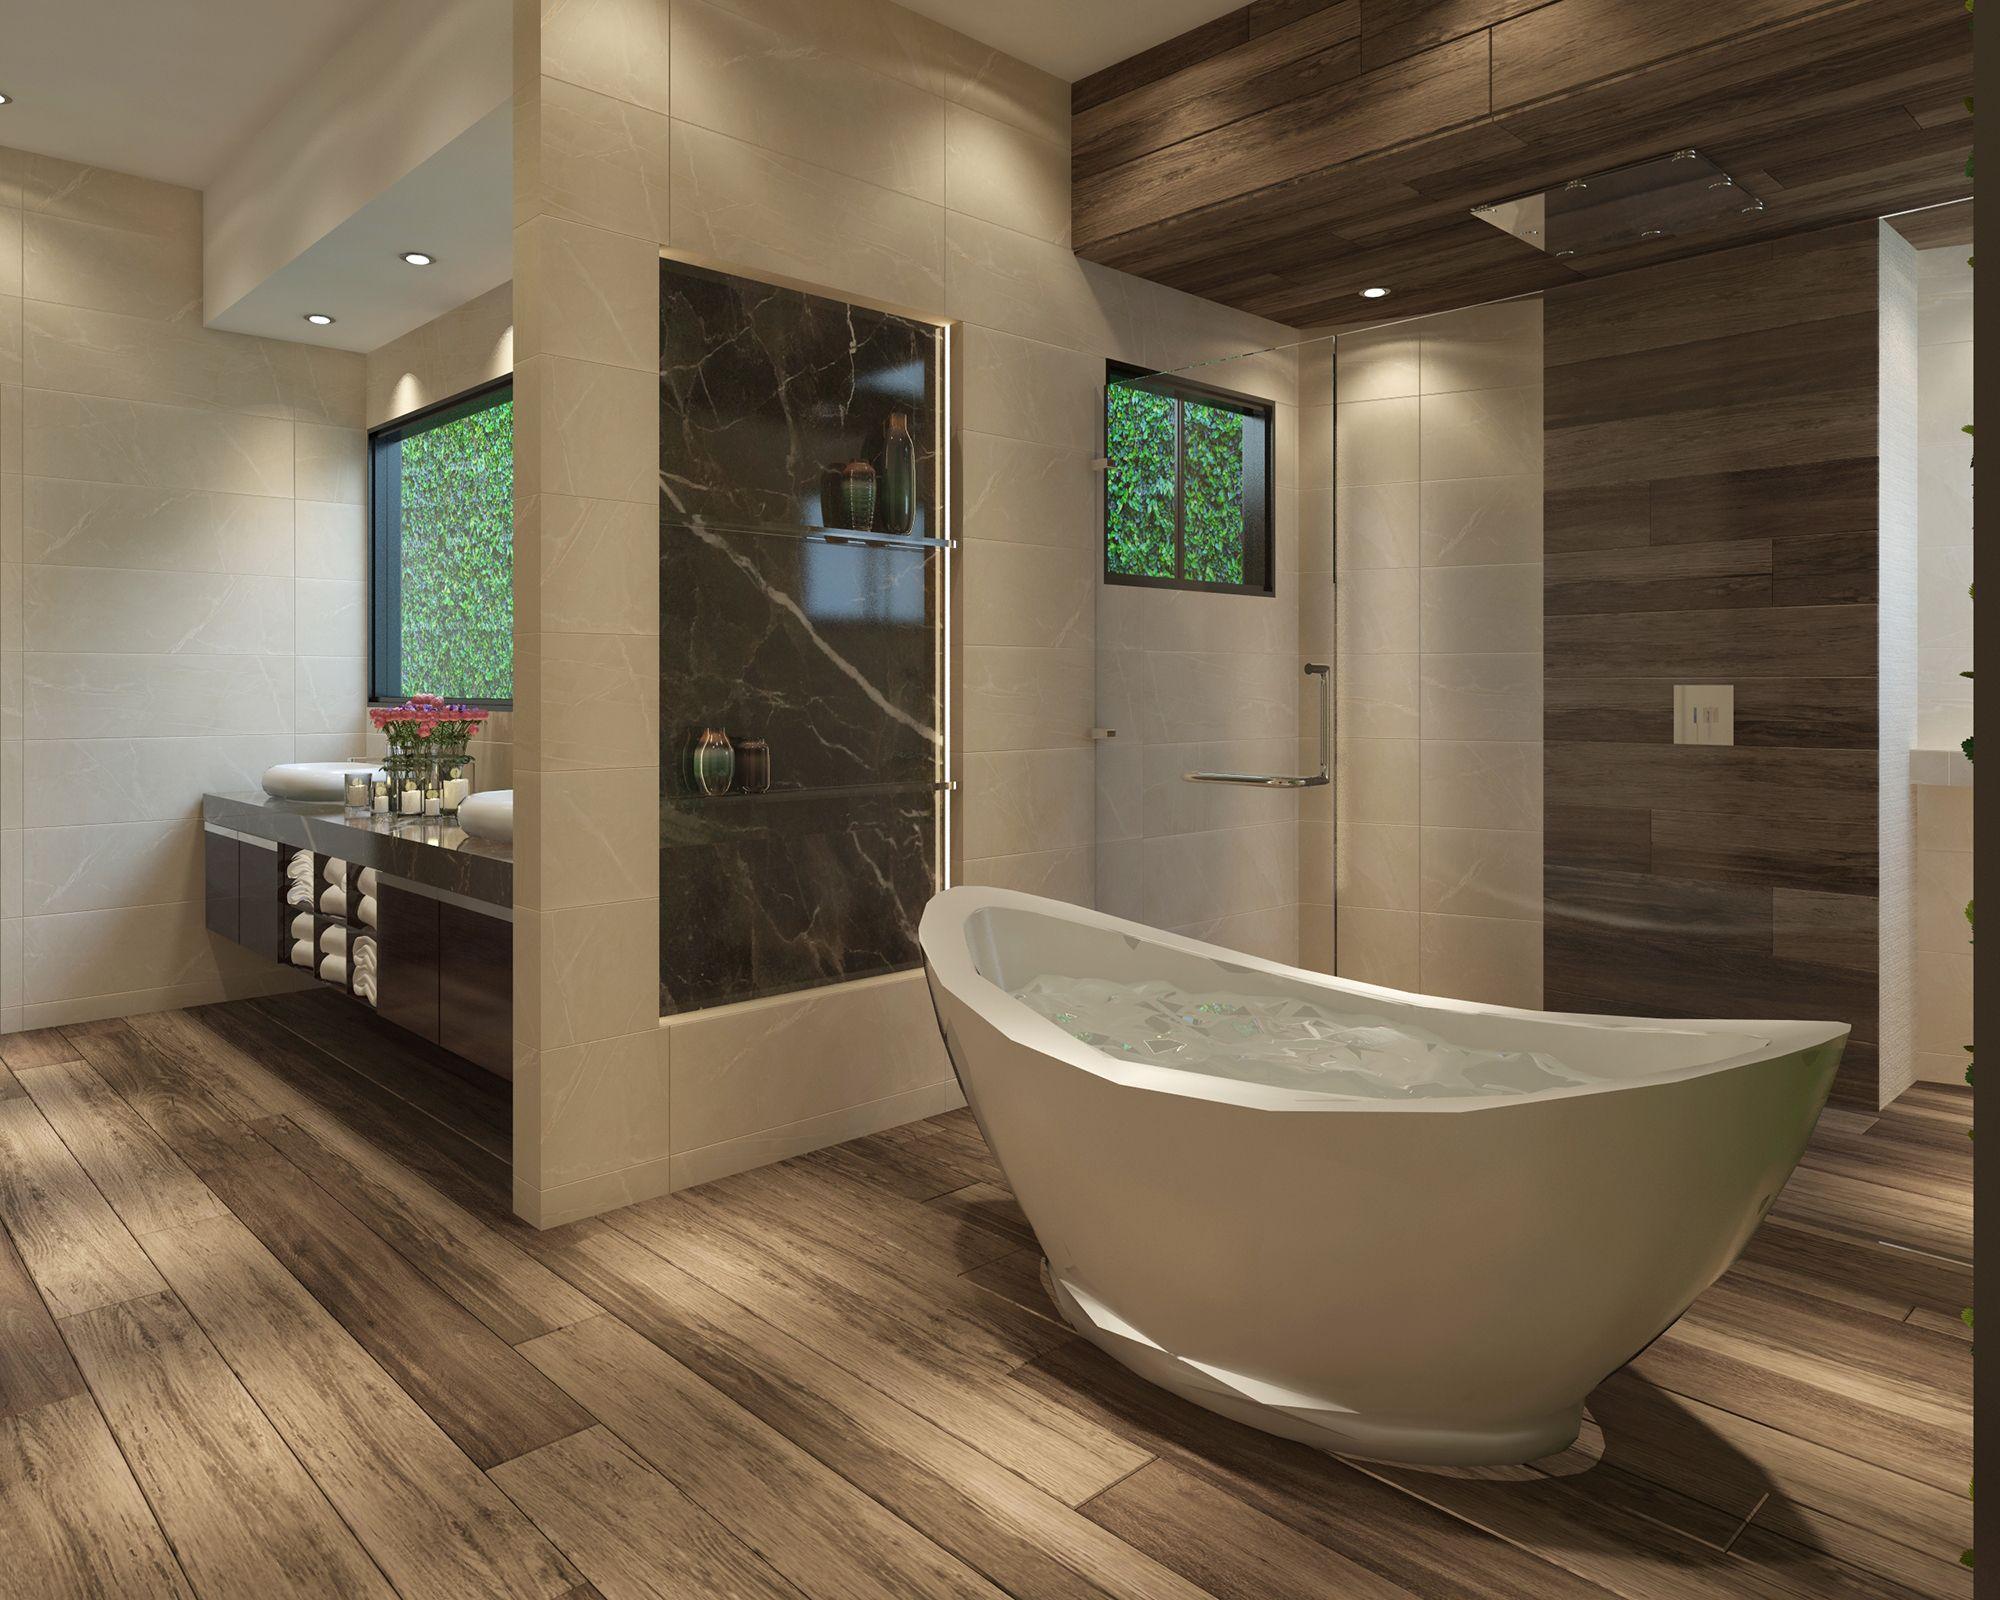 Cuarto de baño de estilo contemporáneo. Materiales utilizados: (Muro ...